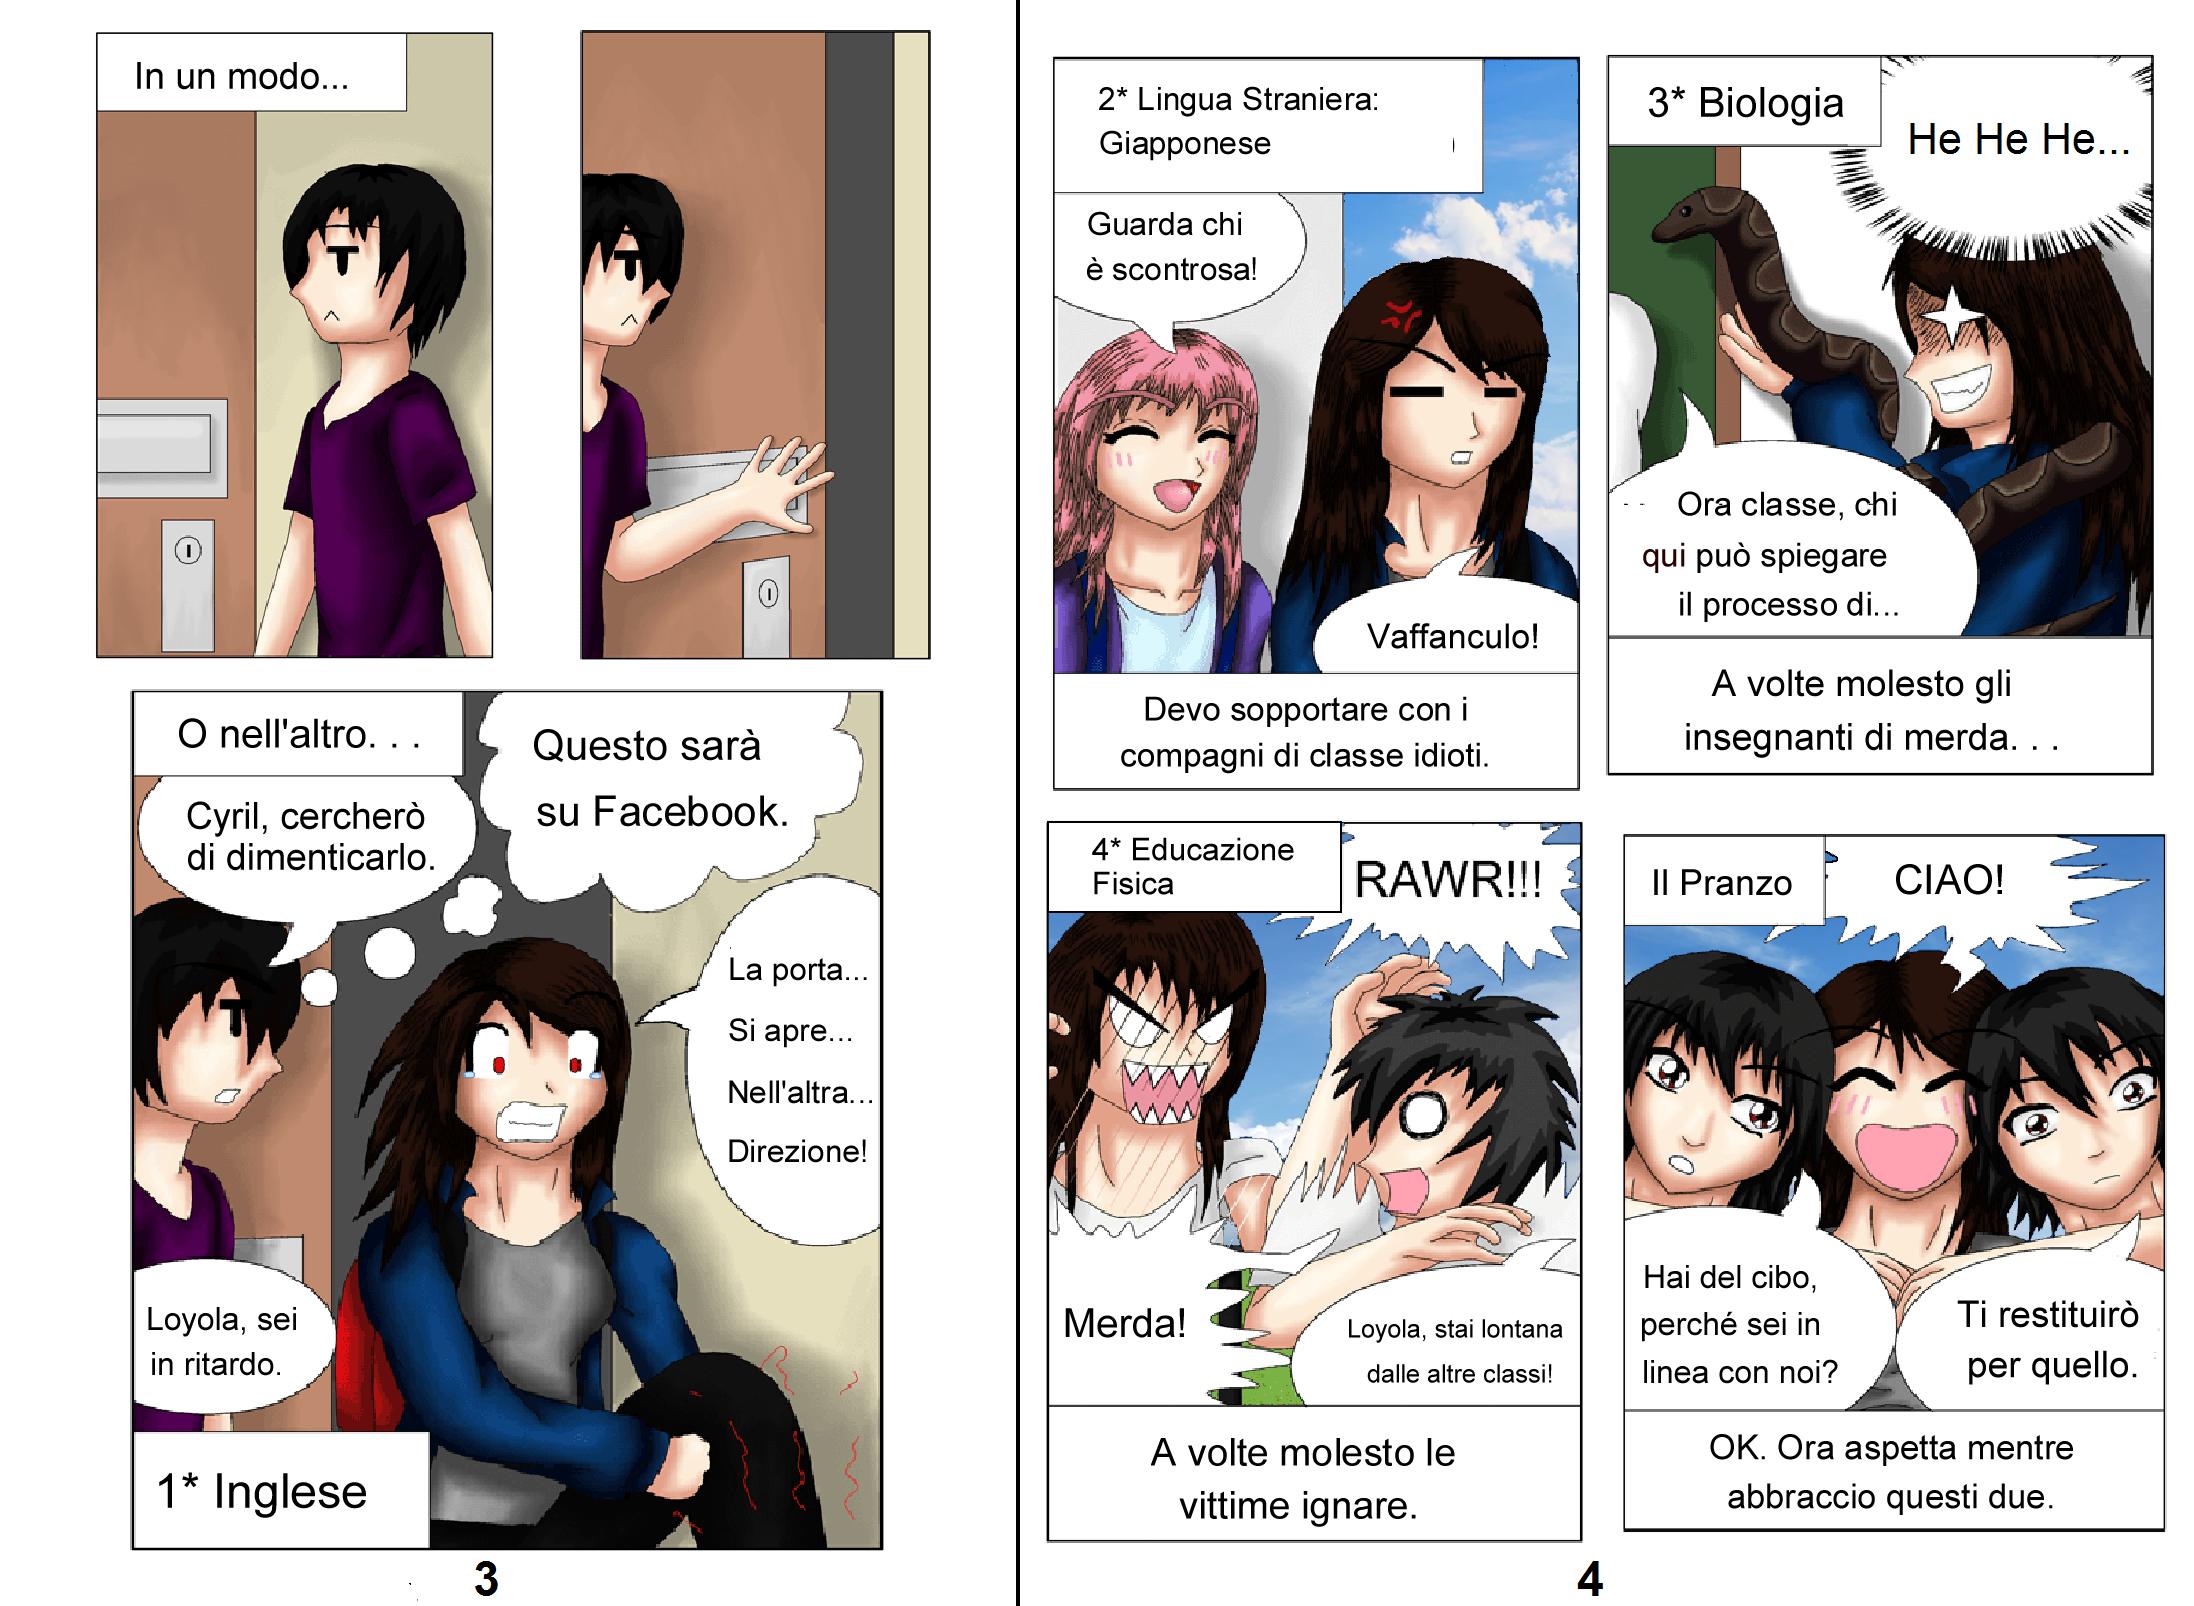 Demon Hunters Capitolo 1 Pagina 3-4